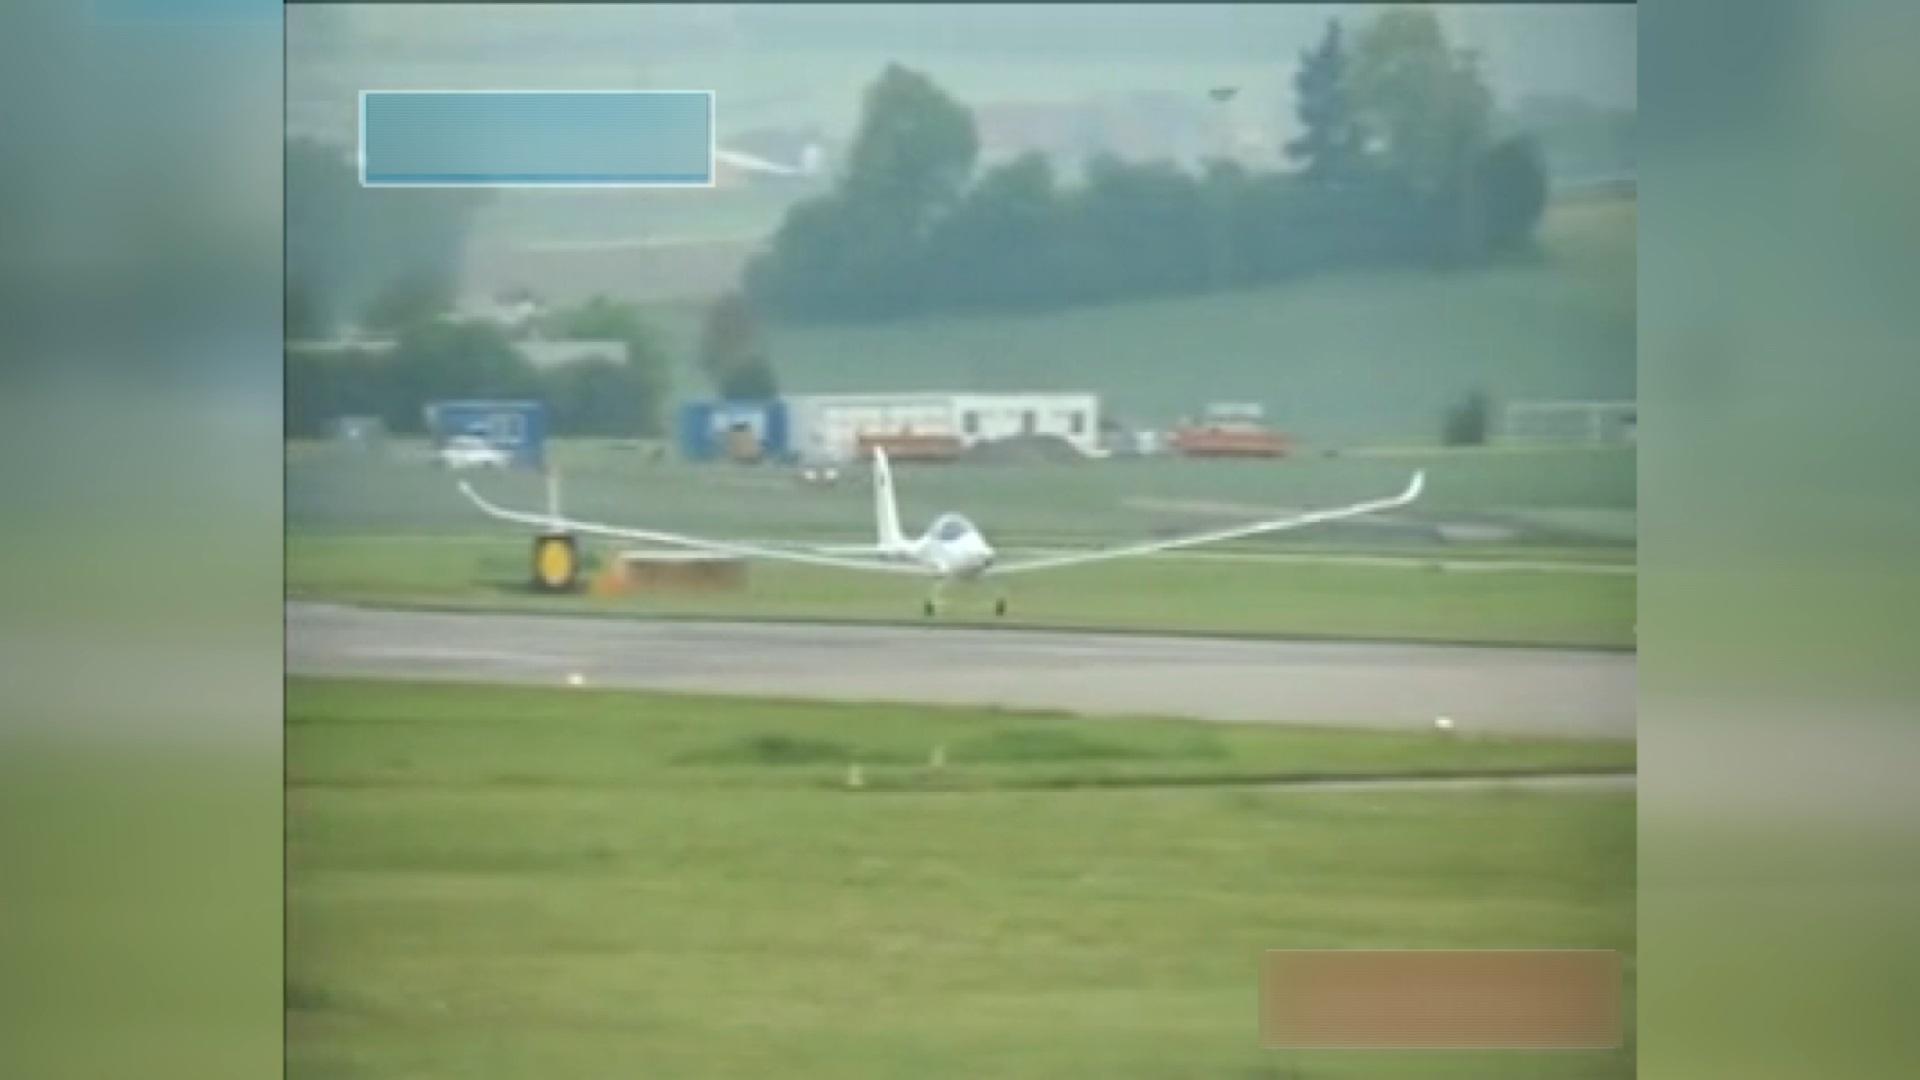 فیلم | آزمایش موفقیت آمیز هواپیمای خورشیدی در سوئیس